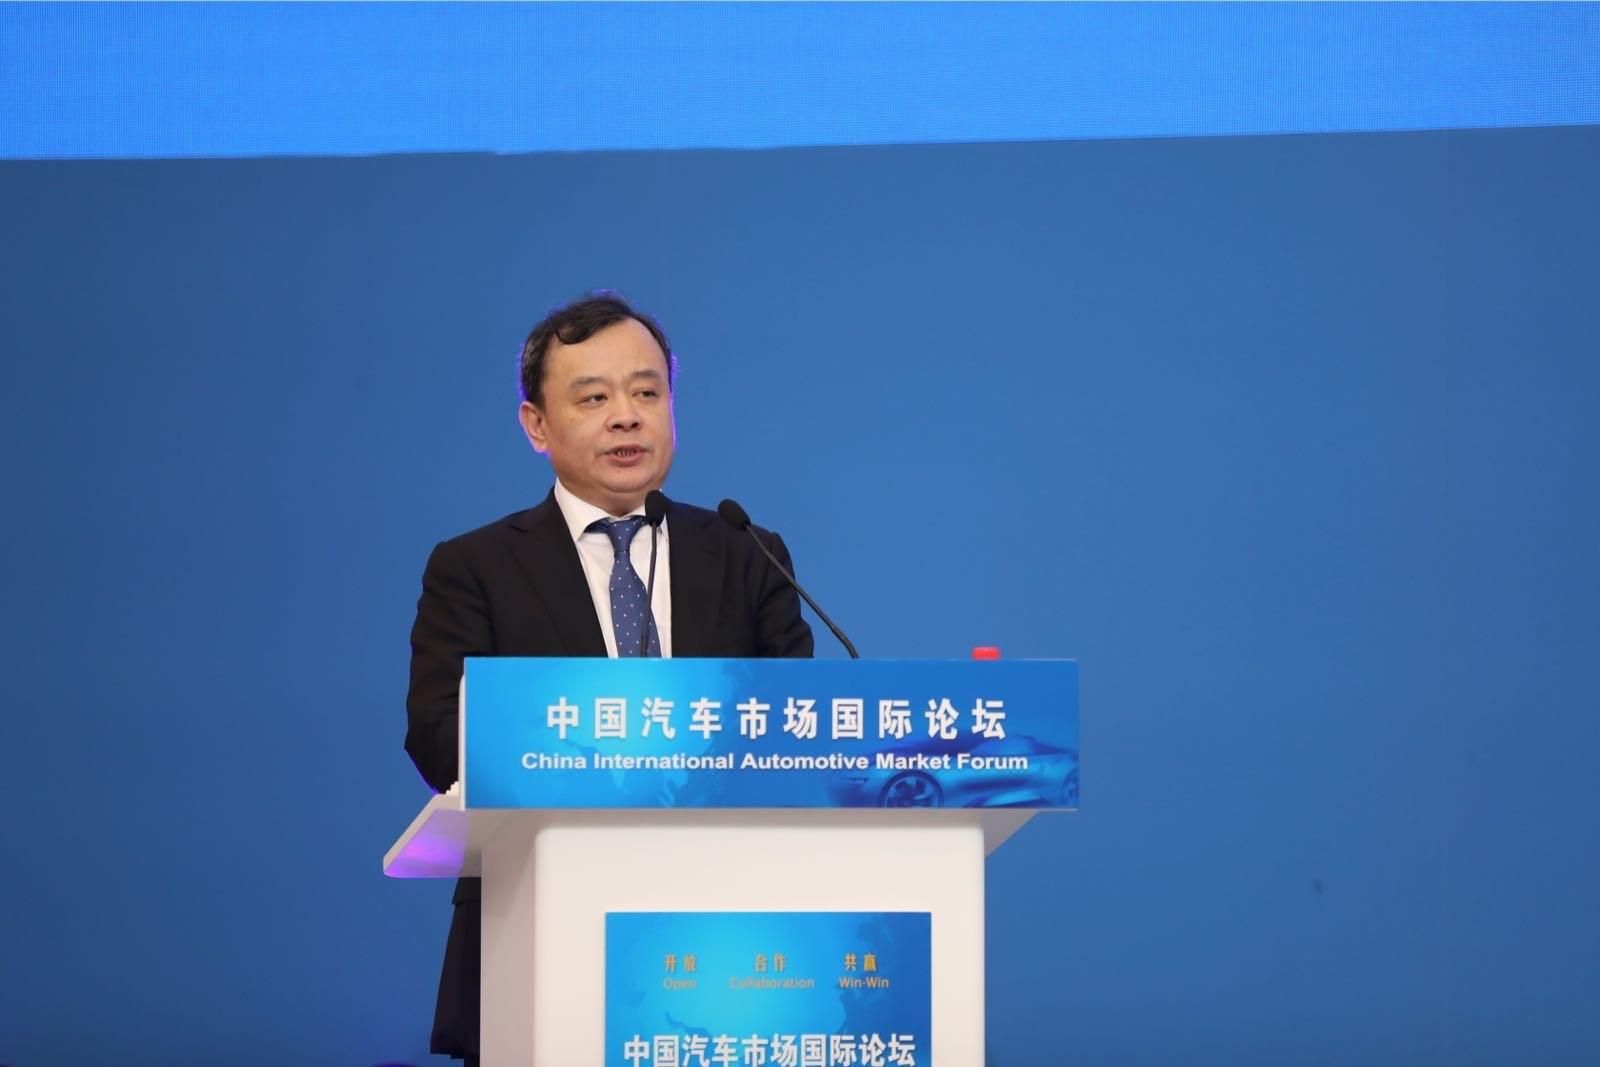 王侠:中国正在变成全球最大的汽车科技应用场景|汽车产经